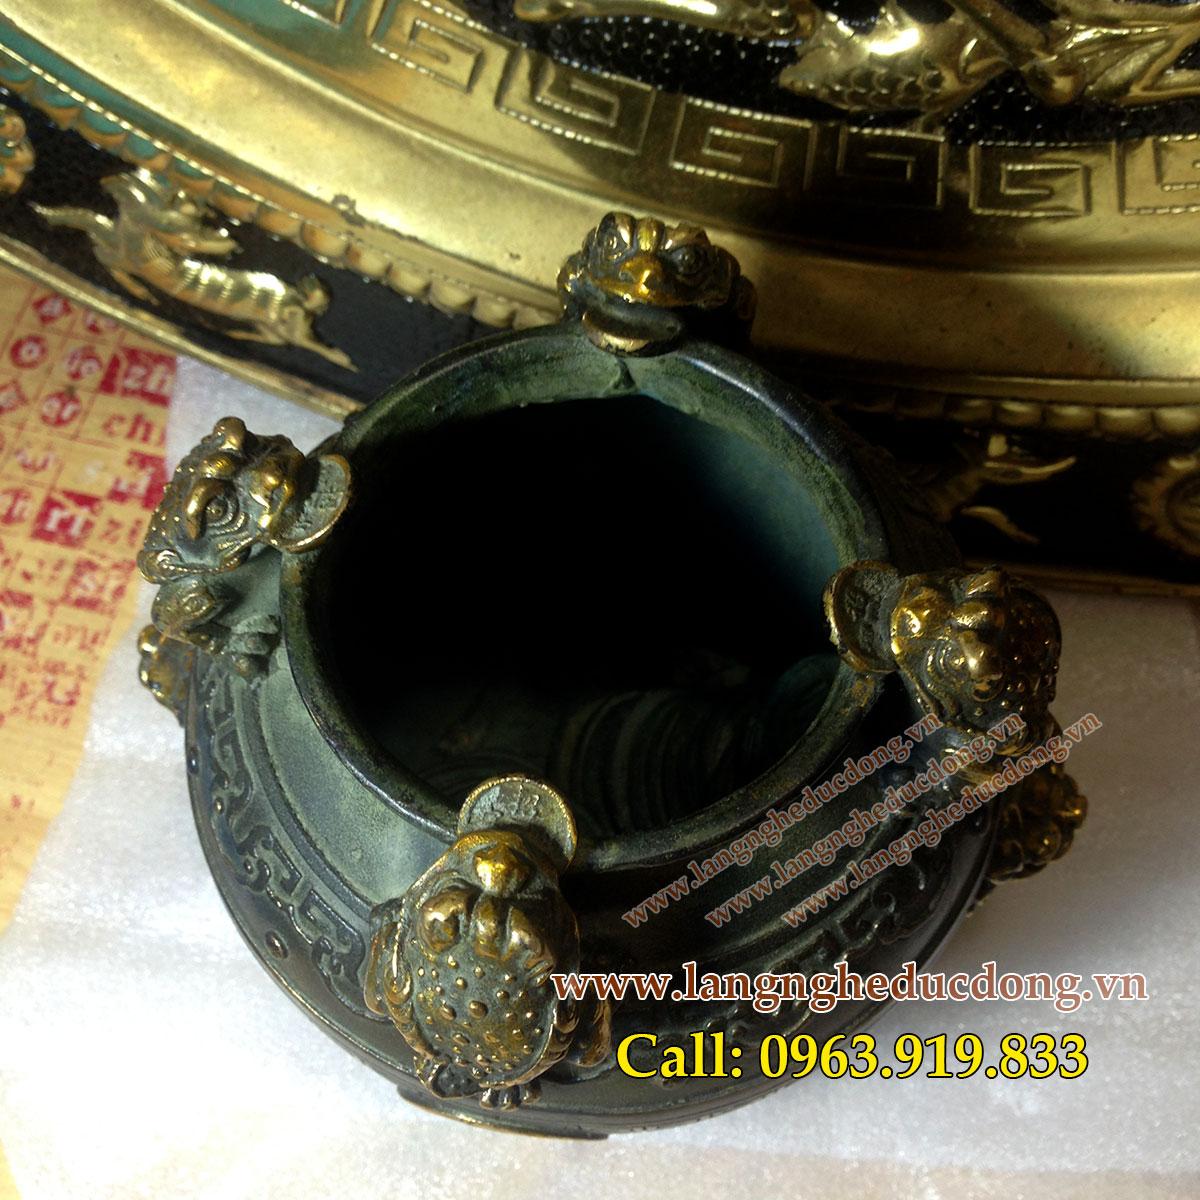 langngheducdong.vn - Hũ chiêu tài 4 cóc màu xanh giả cổ, kích thước 11x12.5cm